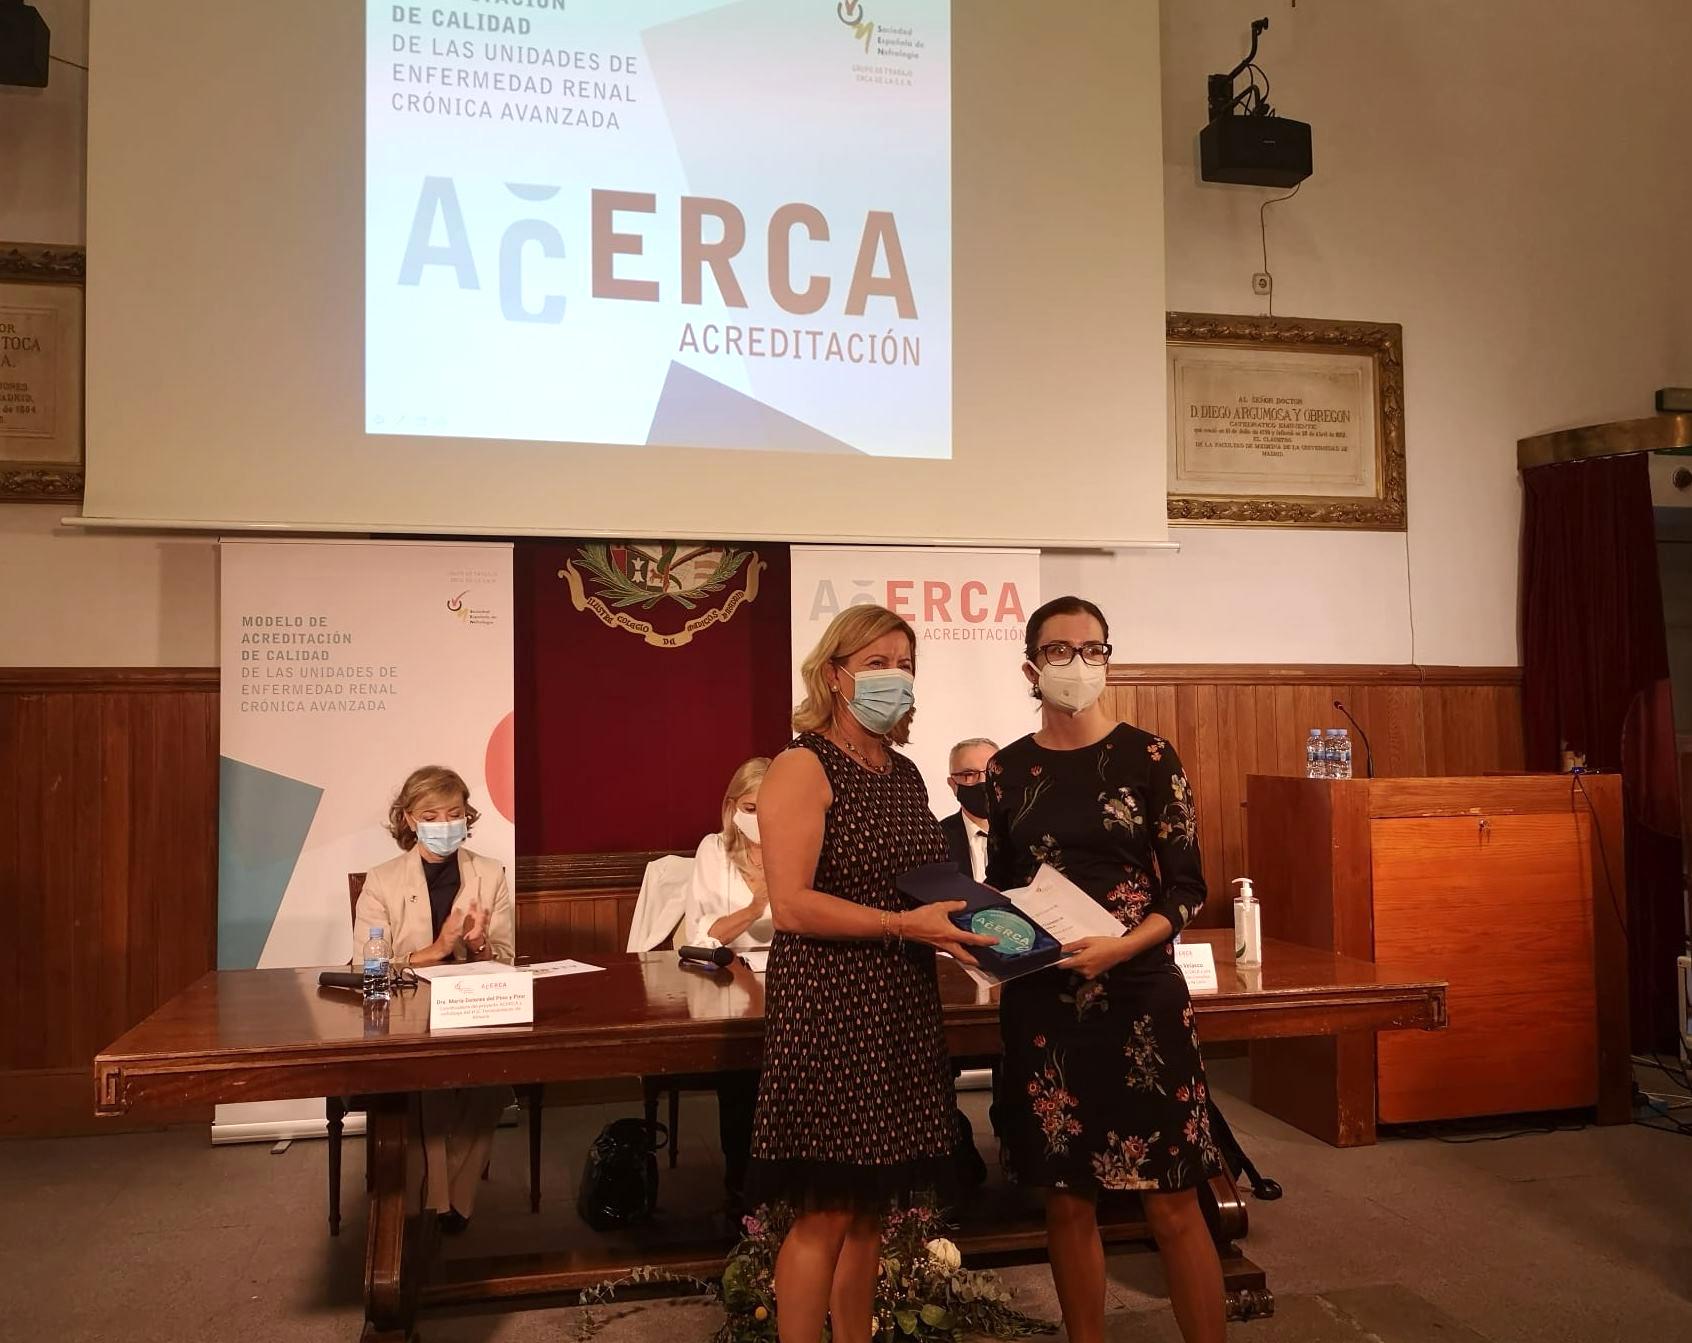 El Complejo Asistencial de León, reconocido a nivel nacional por la excelencia y calidad en su atención a las personas con enfermedad renal